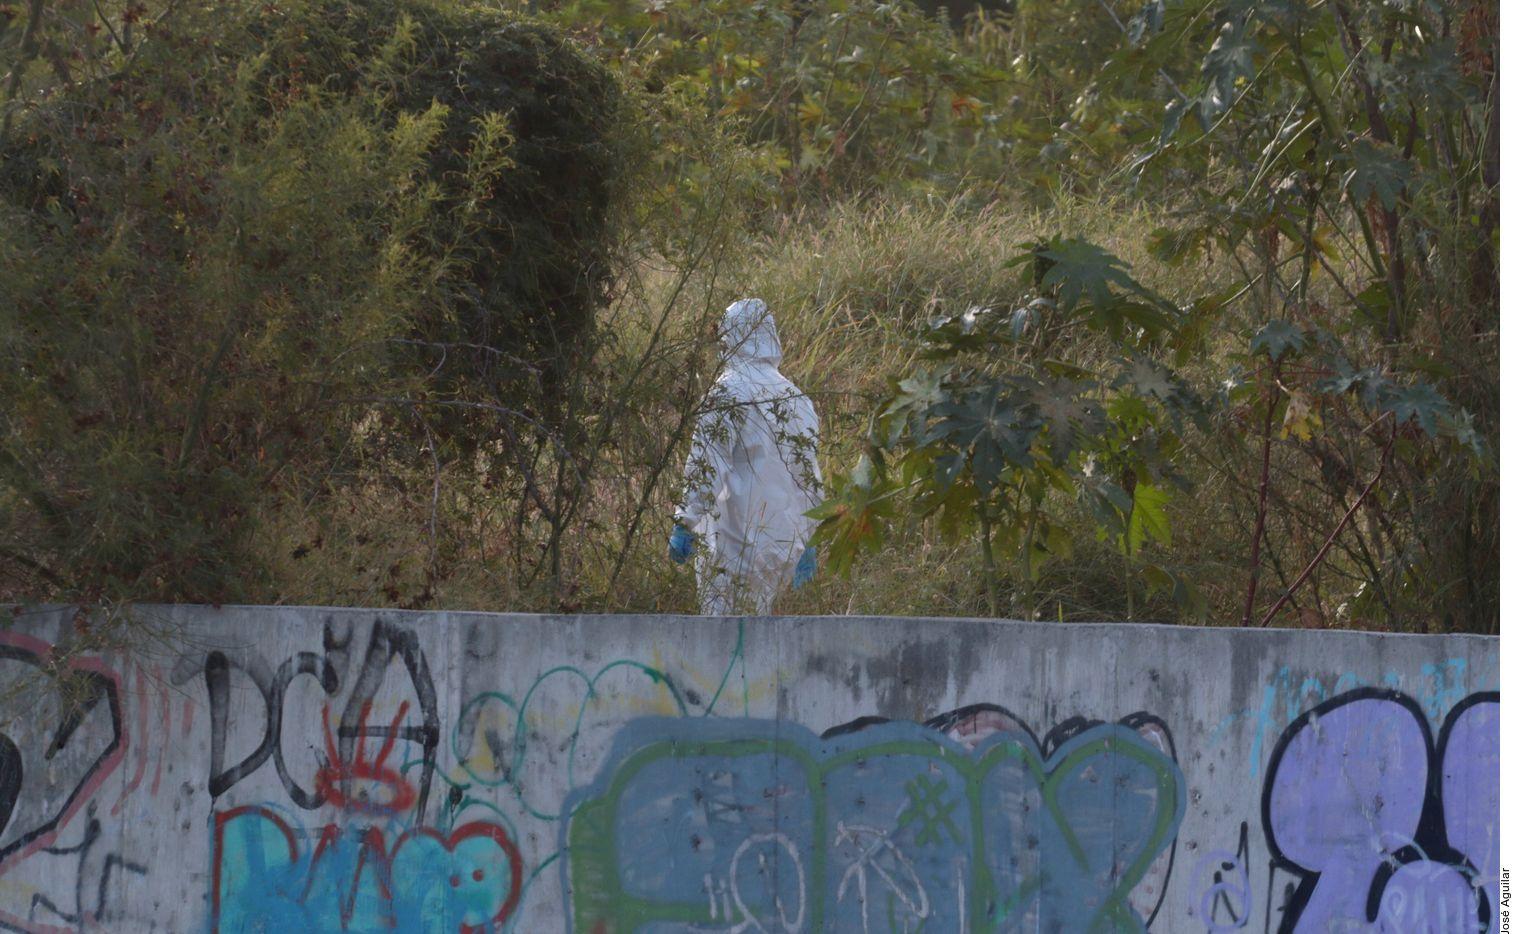 Pareja de Apodaca le quitó la vida a una niña y abandonaron su cuerpo en un monte.